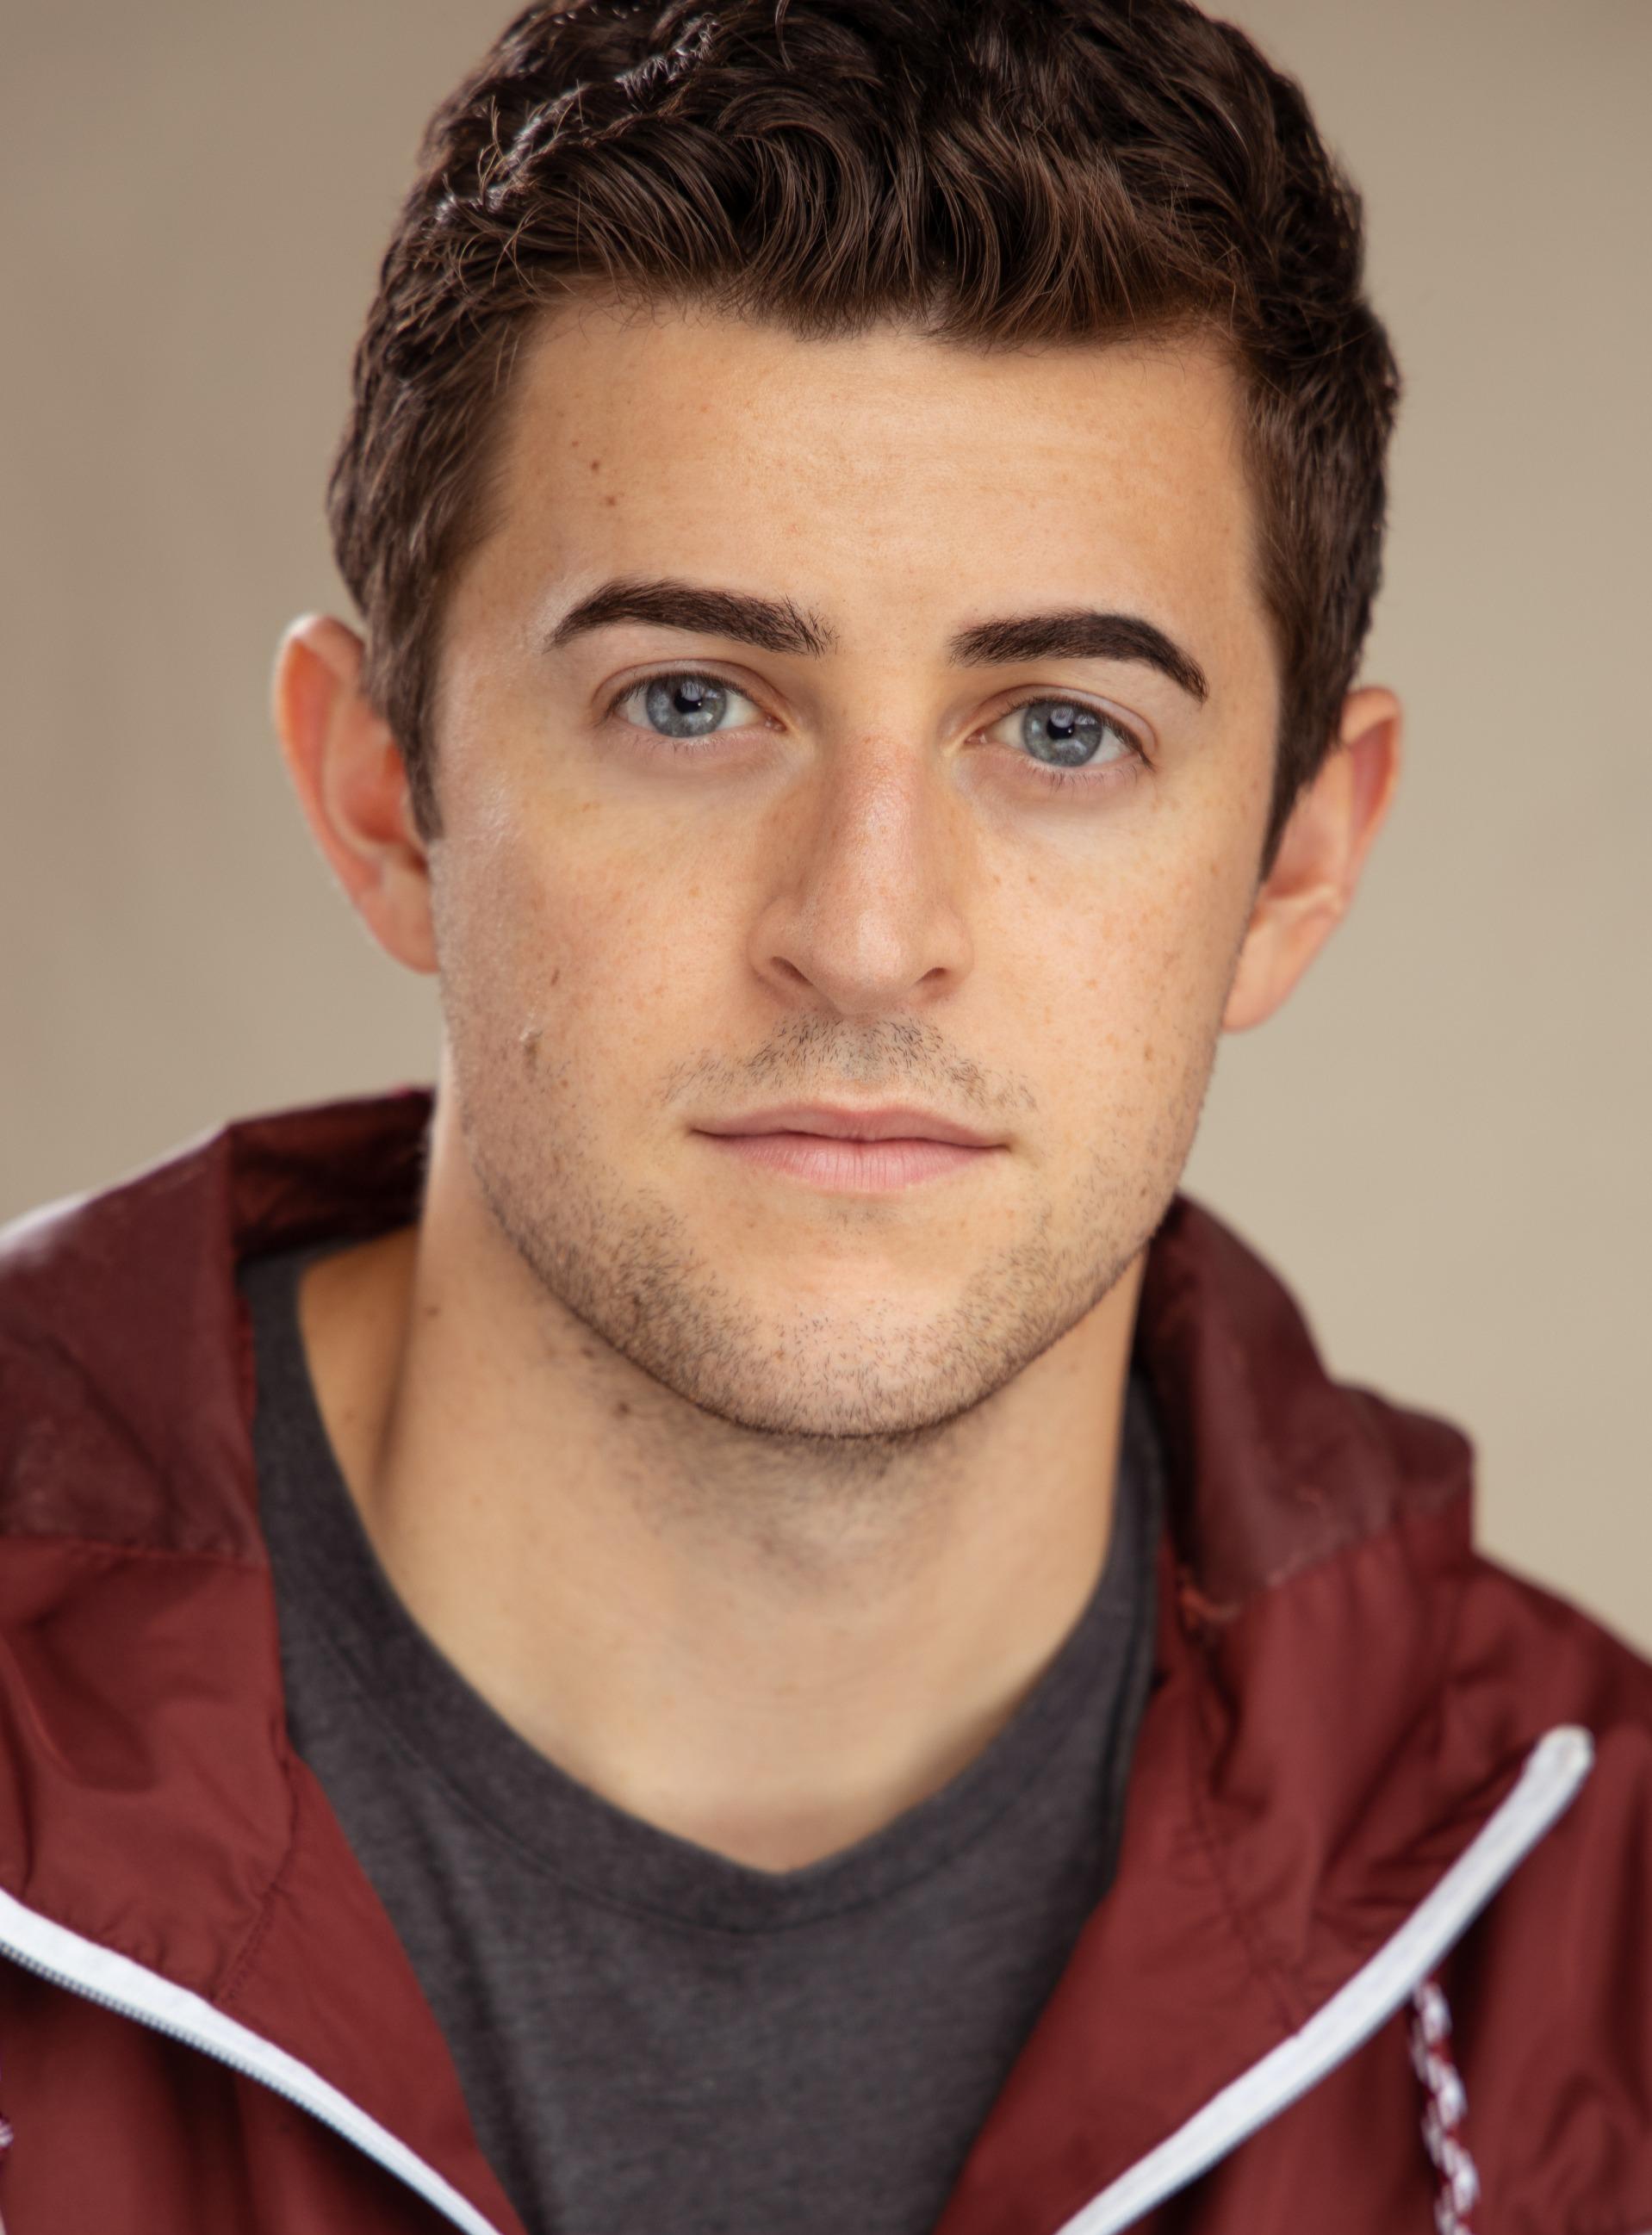 Blake Kevin Dwyer